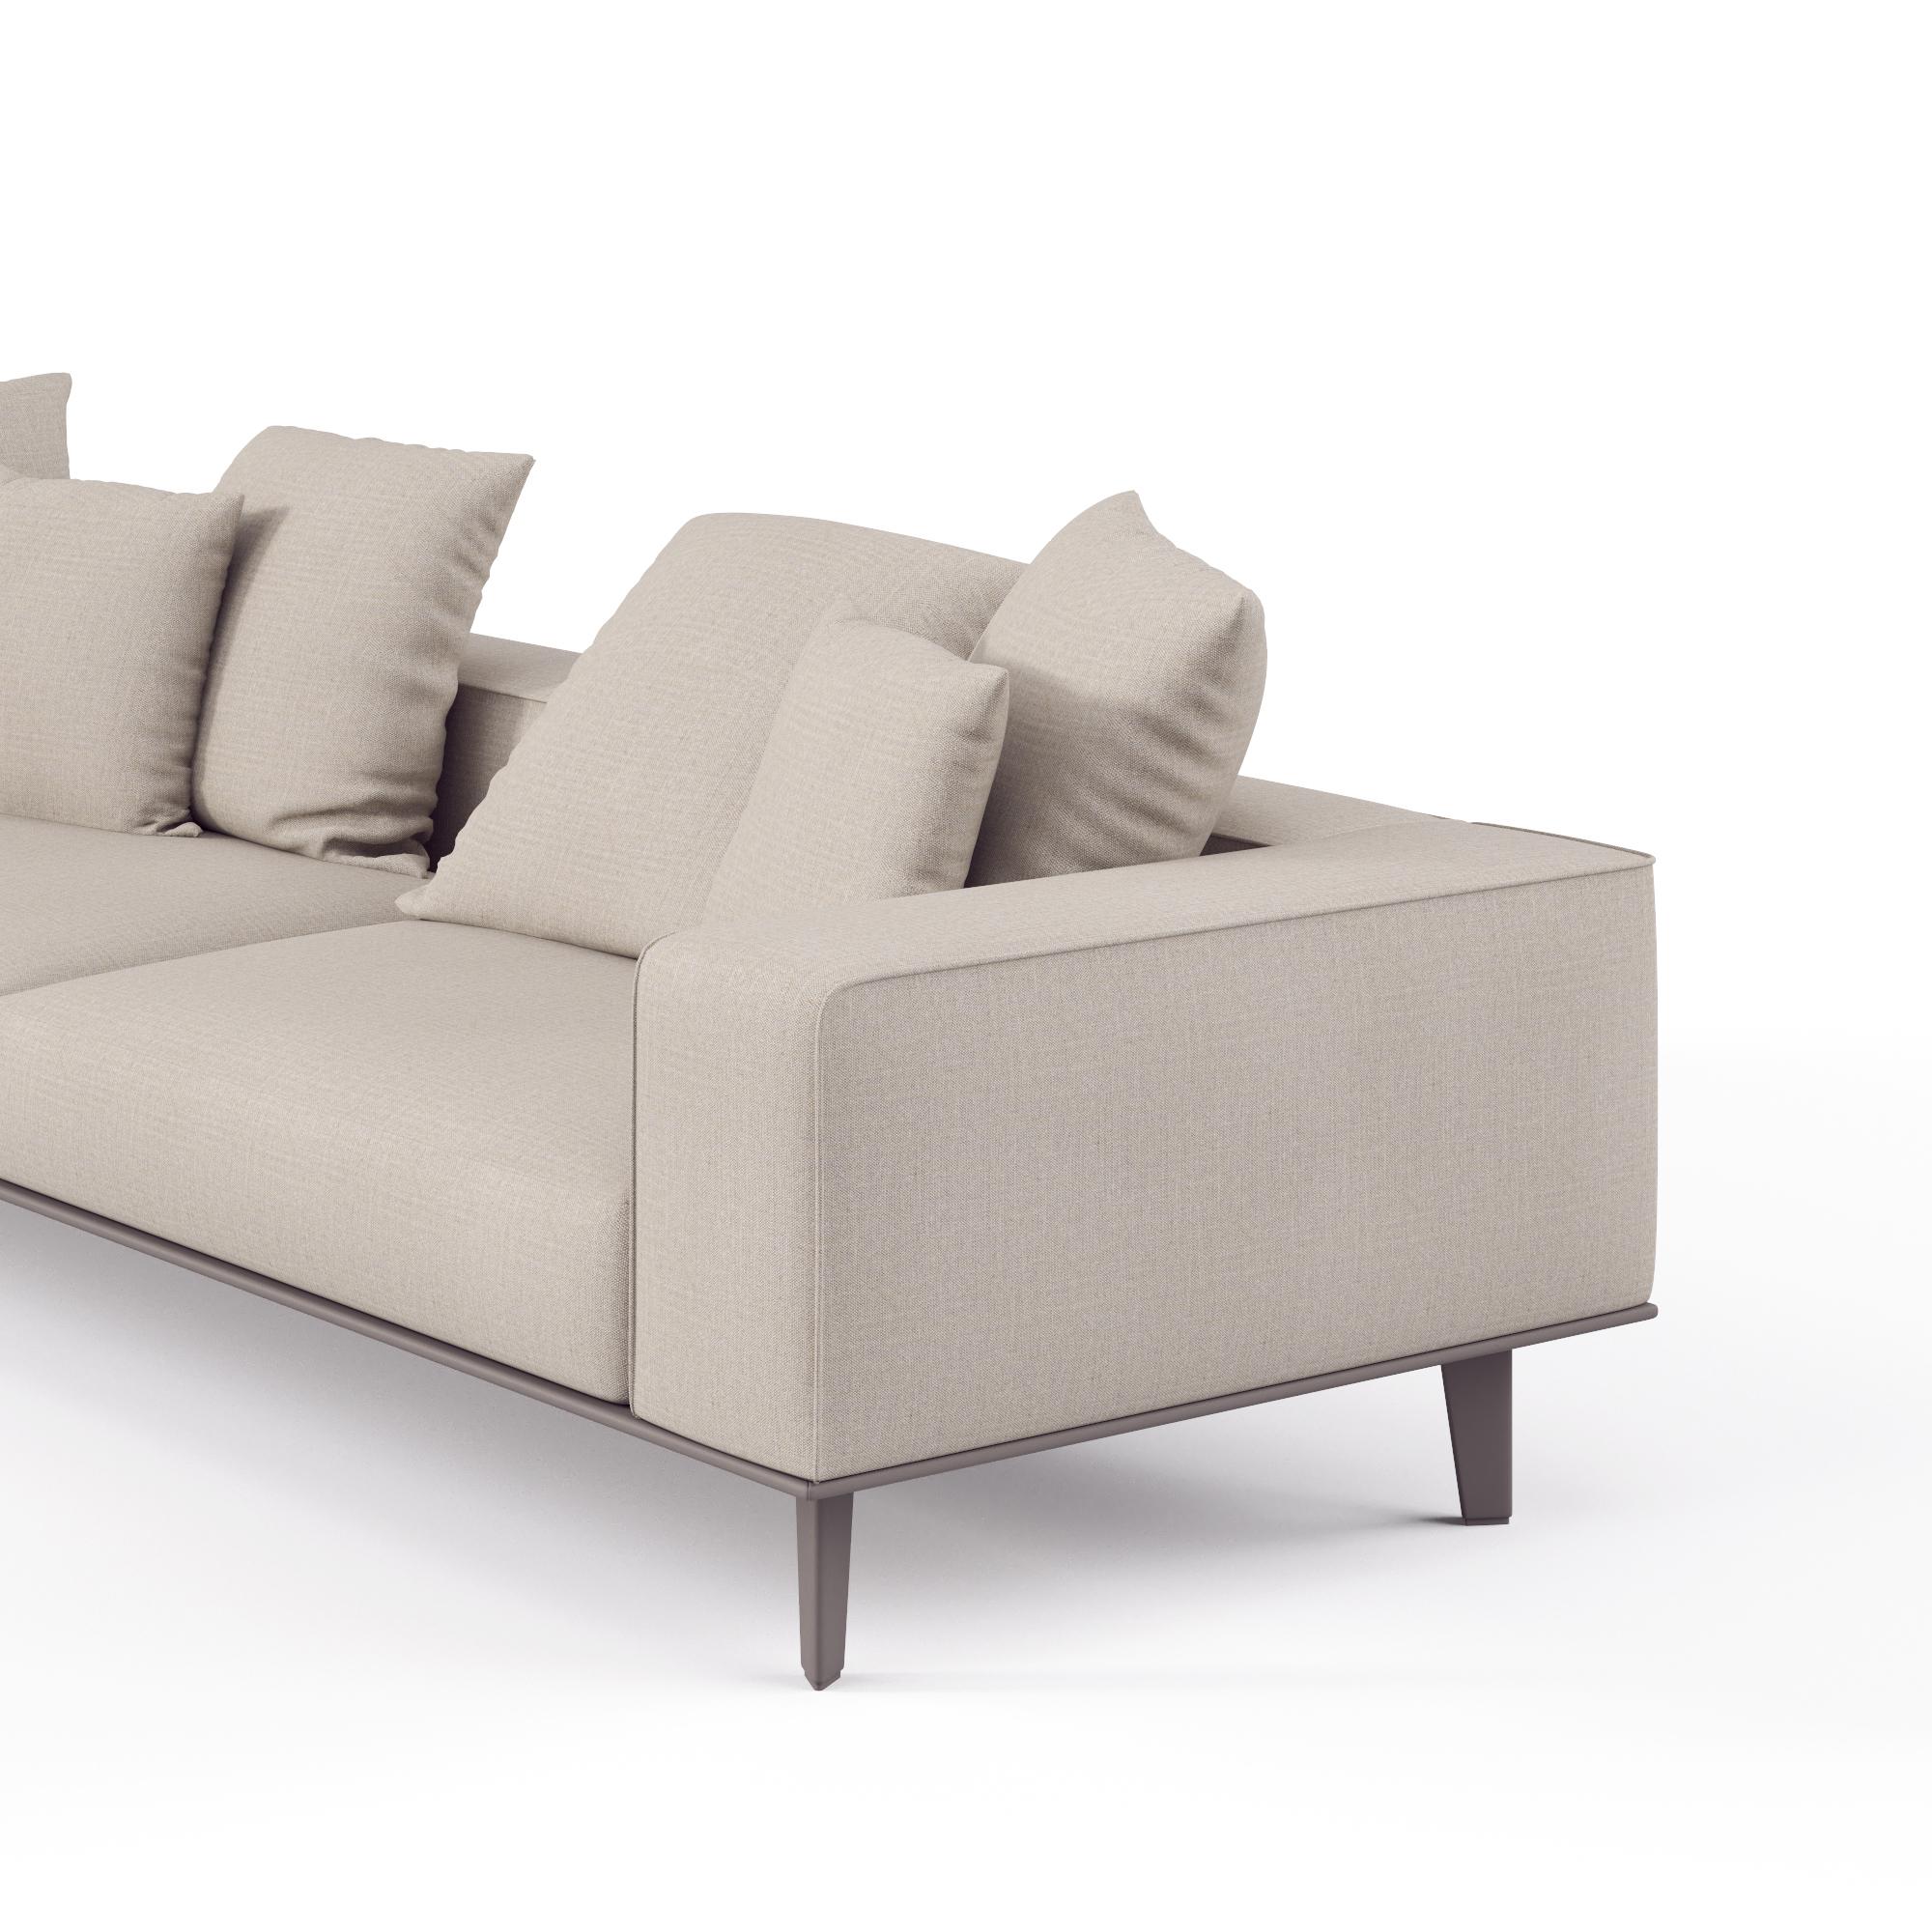 10S_Estel_Comfort&Relax_Sofa_Caresse-En-Vol